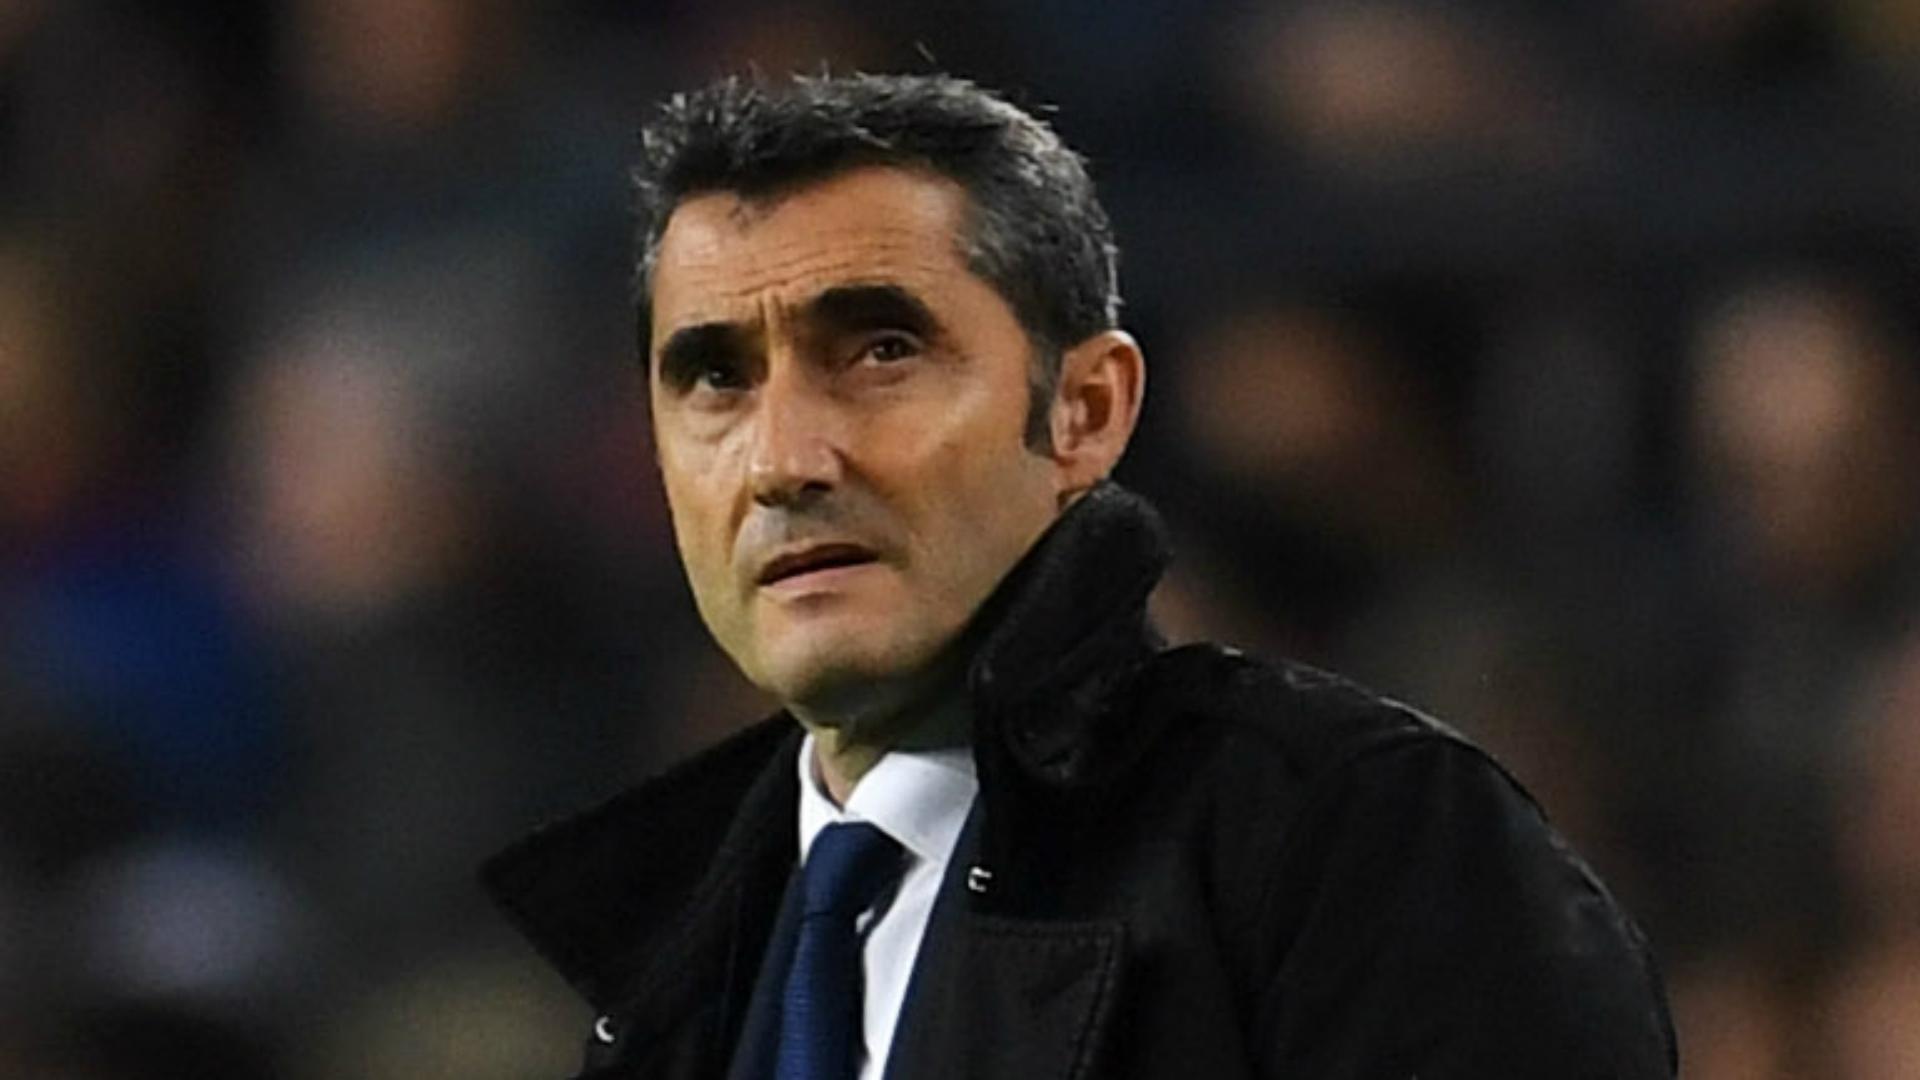 Barcelona coach Valverde confirms Munir leaving